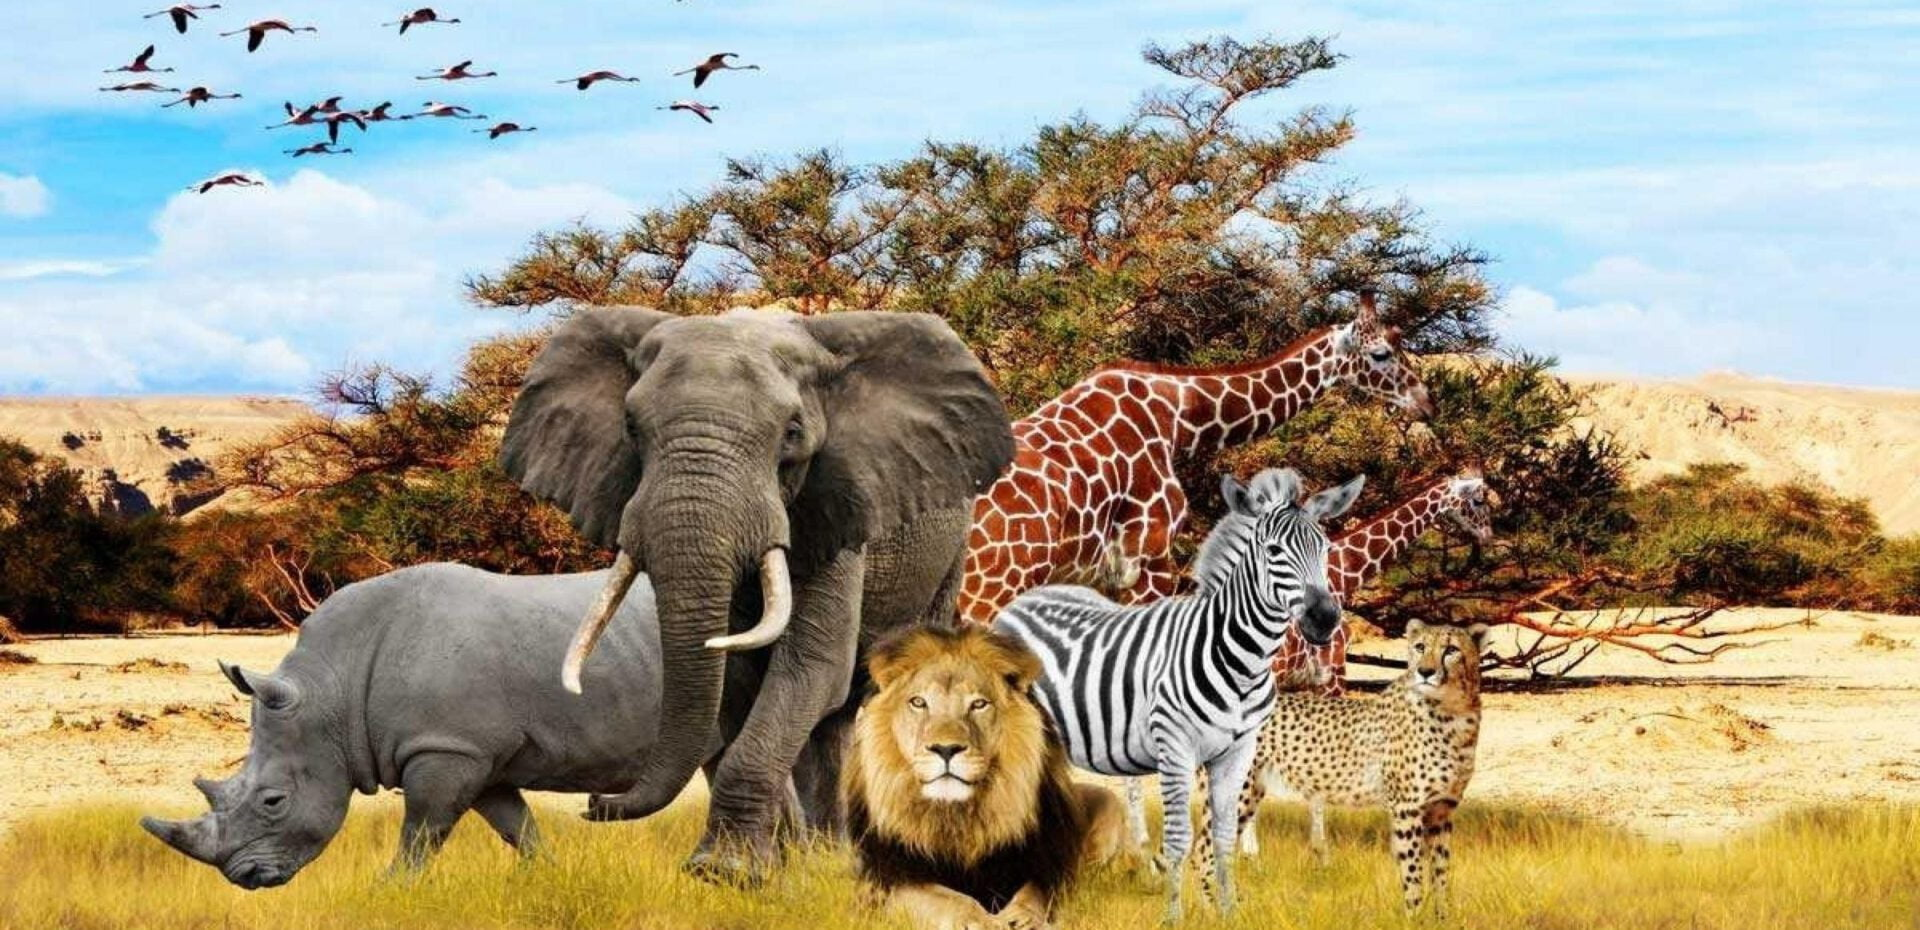 پرجمعیت ترین حیوانات جهان